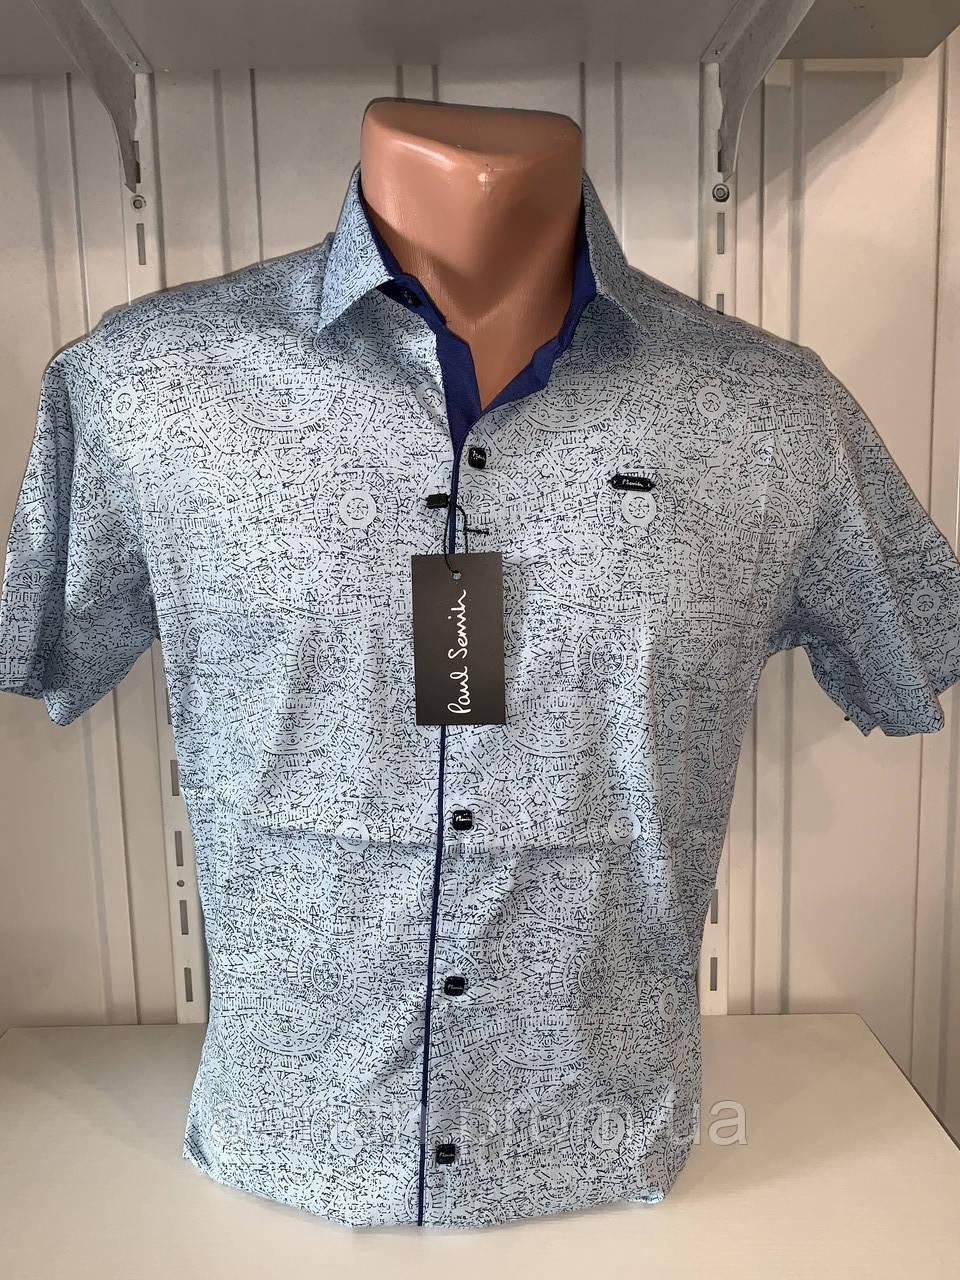 Рубашка мужская Paul Smith короткий рукав, стрейч, заклепки. №30.03.1 001 \ купить рубашку